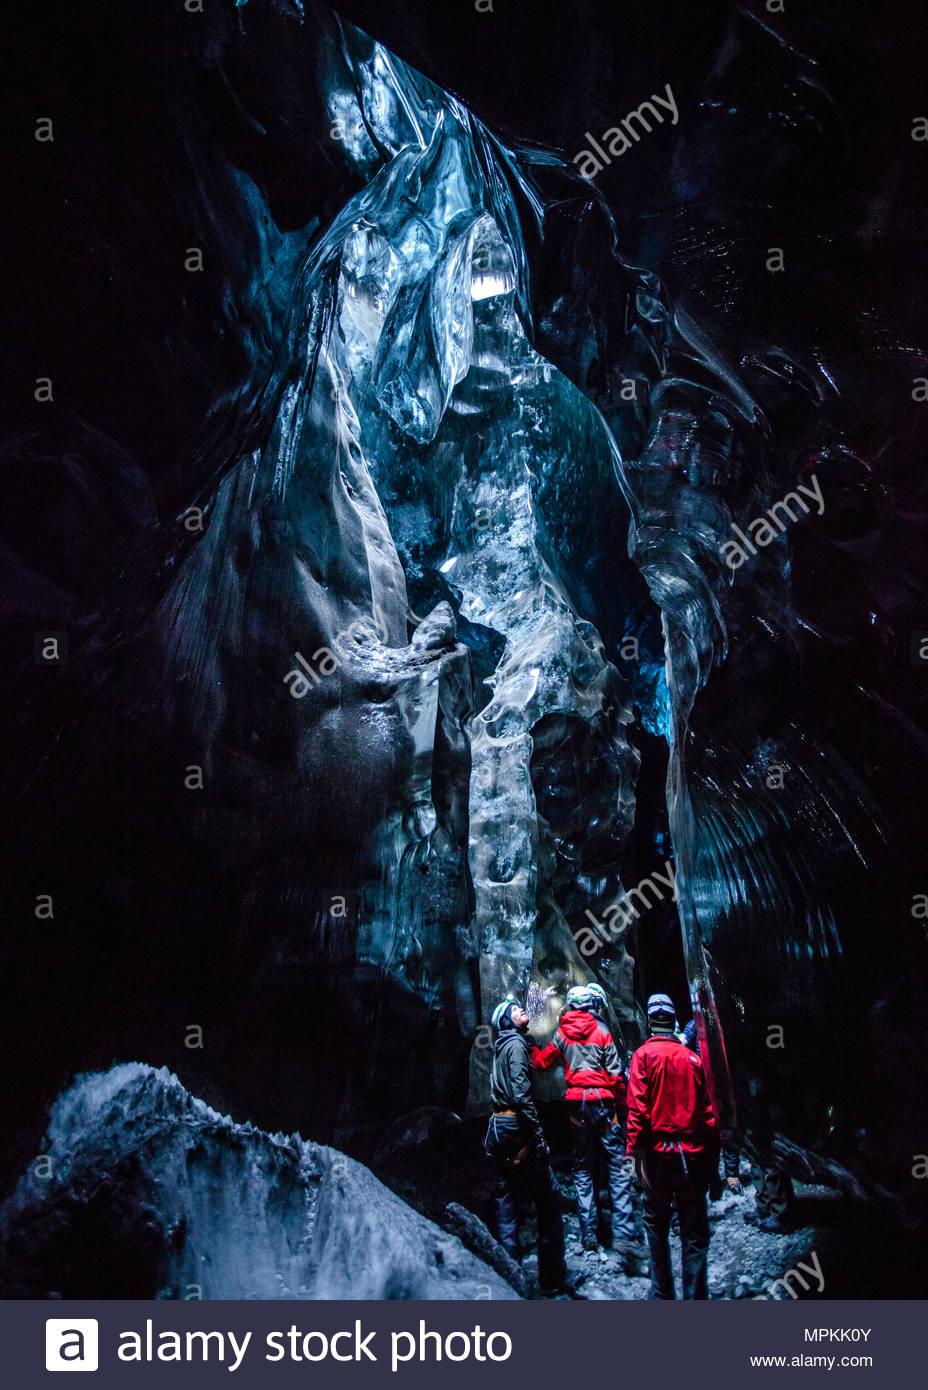 Estas magníficas cuevas de hielo son sólo accesibles por tres horas de caminata a pie. Hay varios cueva de hielo excursiones ofrecidas por guías locales. Foto de stock